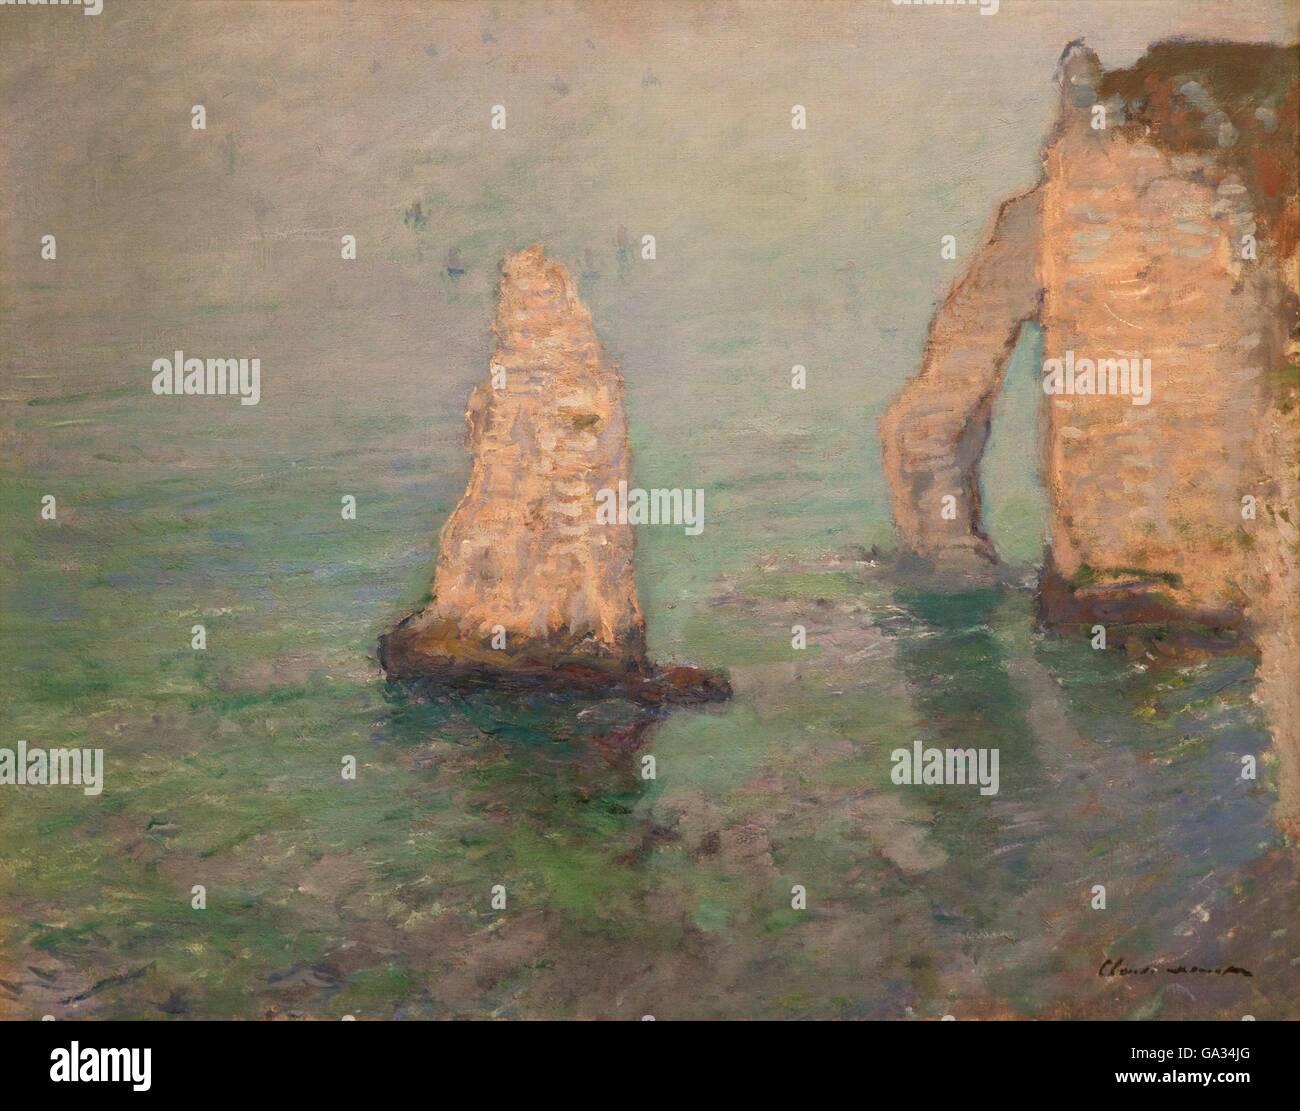 La roche aiguille et la porte d'Aval, Etretat, par Claude Monet, 1885, Fitzwilliam Museum, Cambridge, Angleterre, Photo Stock